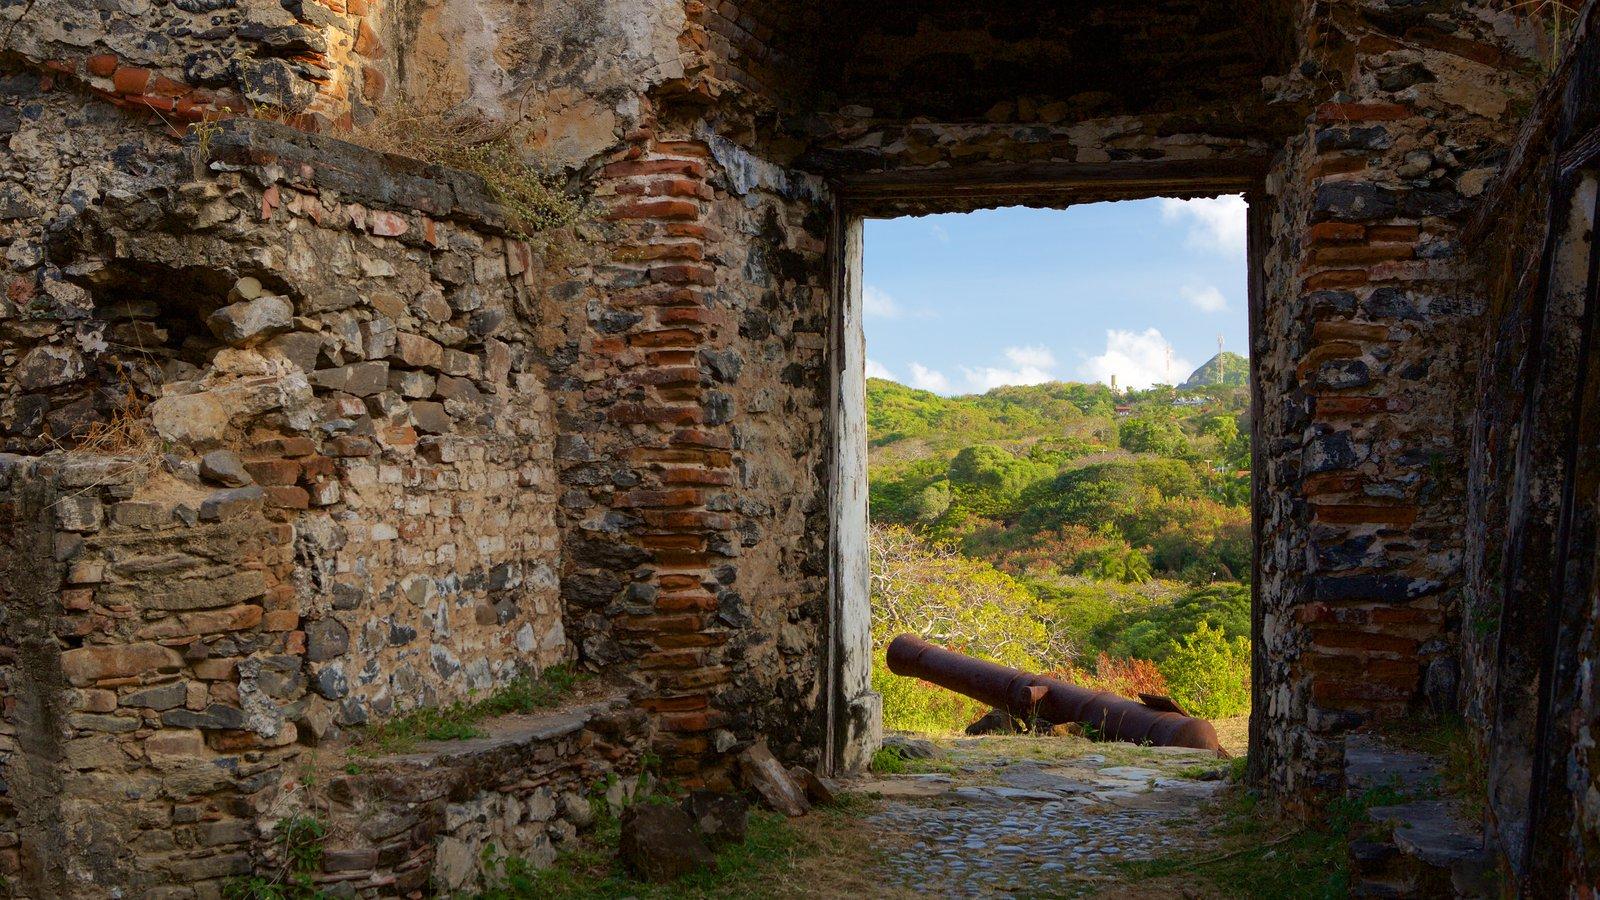 Forte dos Remédios mostrando itens militares, elementos de patrimônio e ruínas de edifício